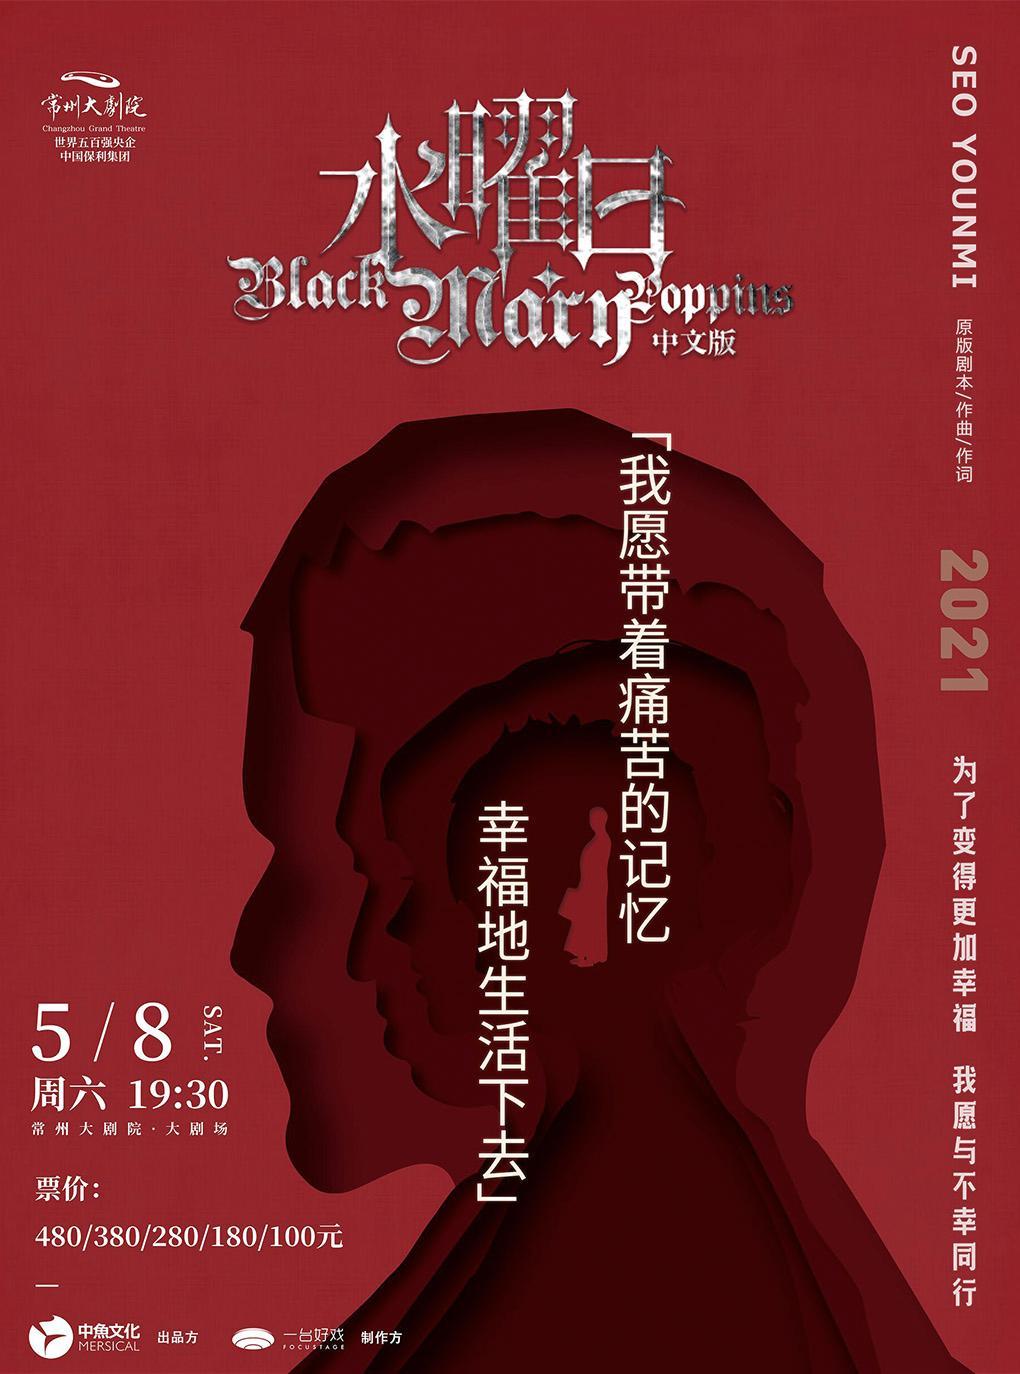 20210204_常州大剧院大剧场_【常州】 音乐剧《水曜日》中文版